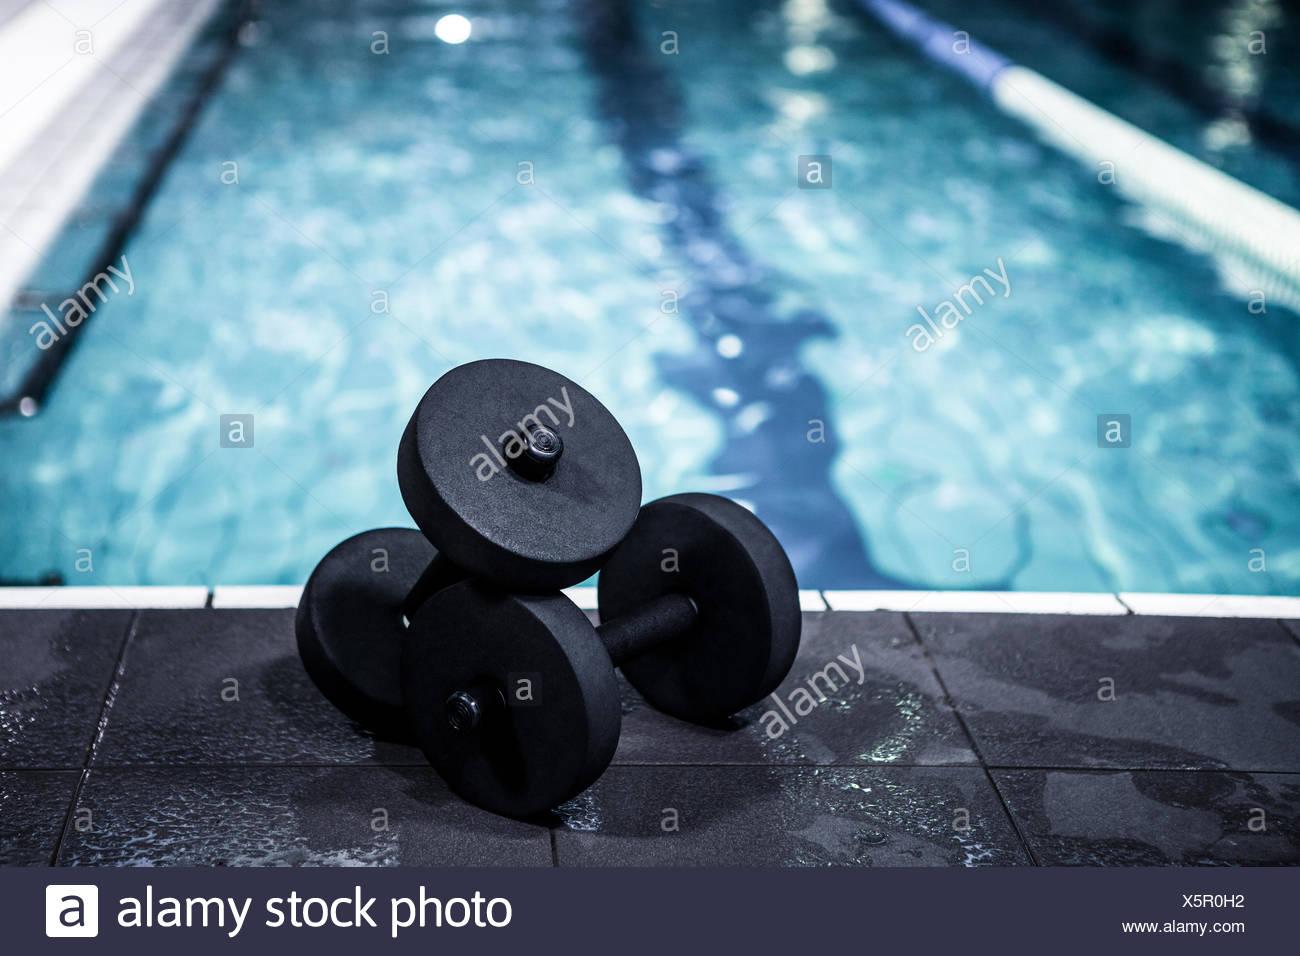 Foam dumbbells beside the pool - Stock Image